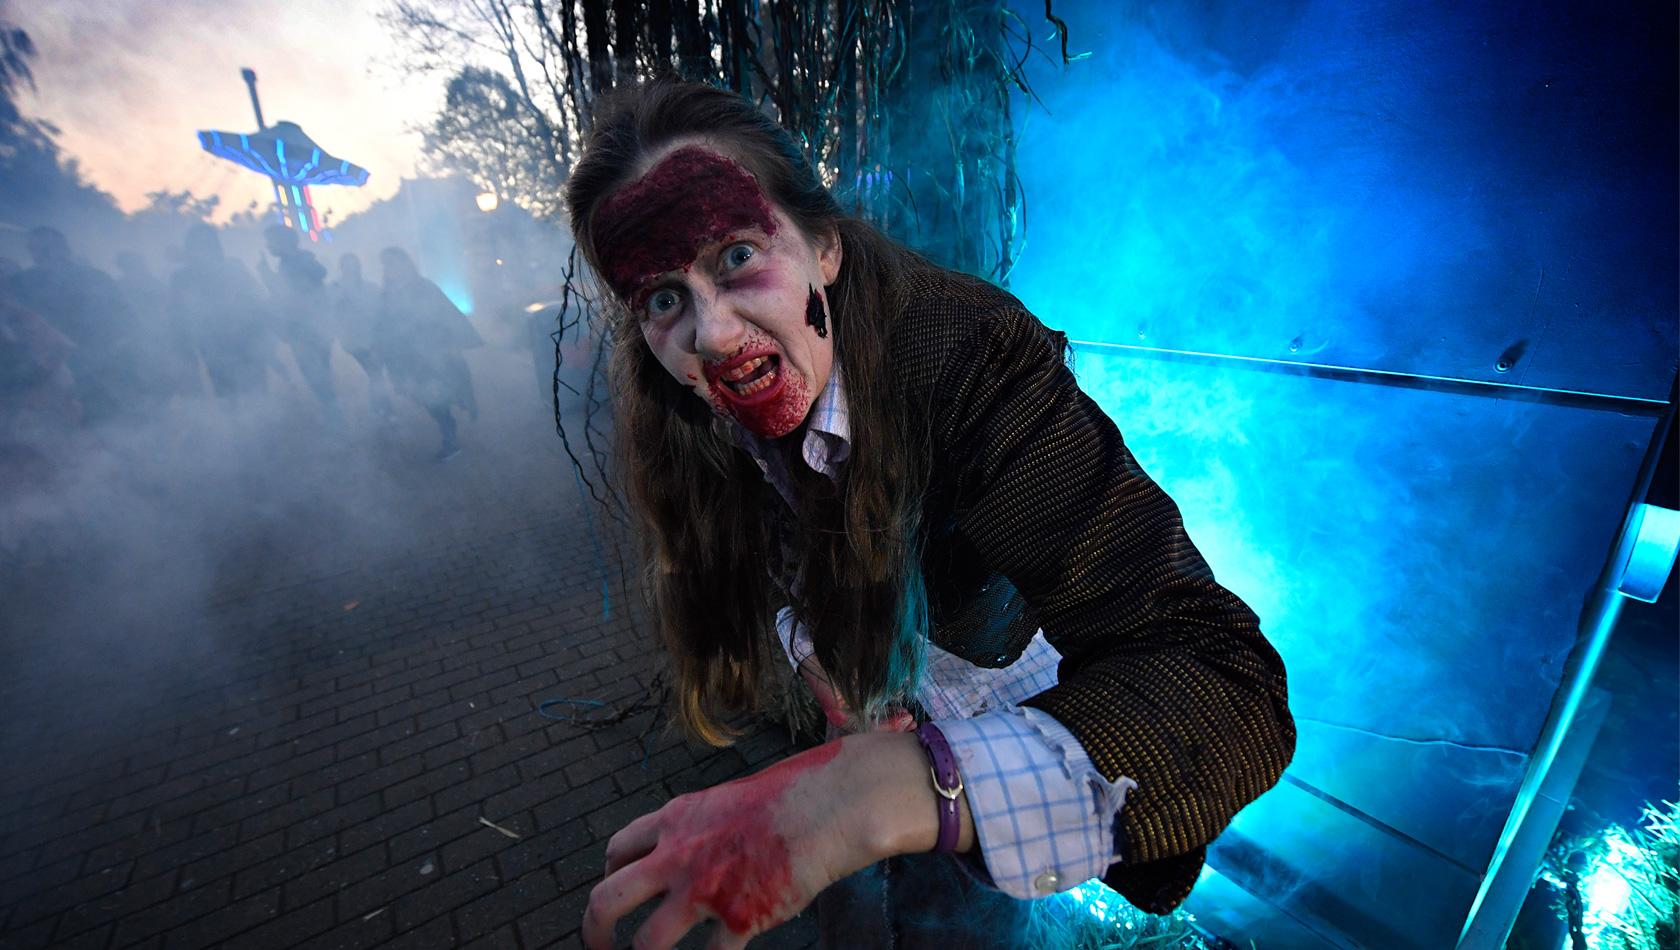 Walibi Belgium Halloween 2019.Walibi Belgium Stellt Fur Halloween 2019 Neue Horror